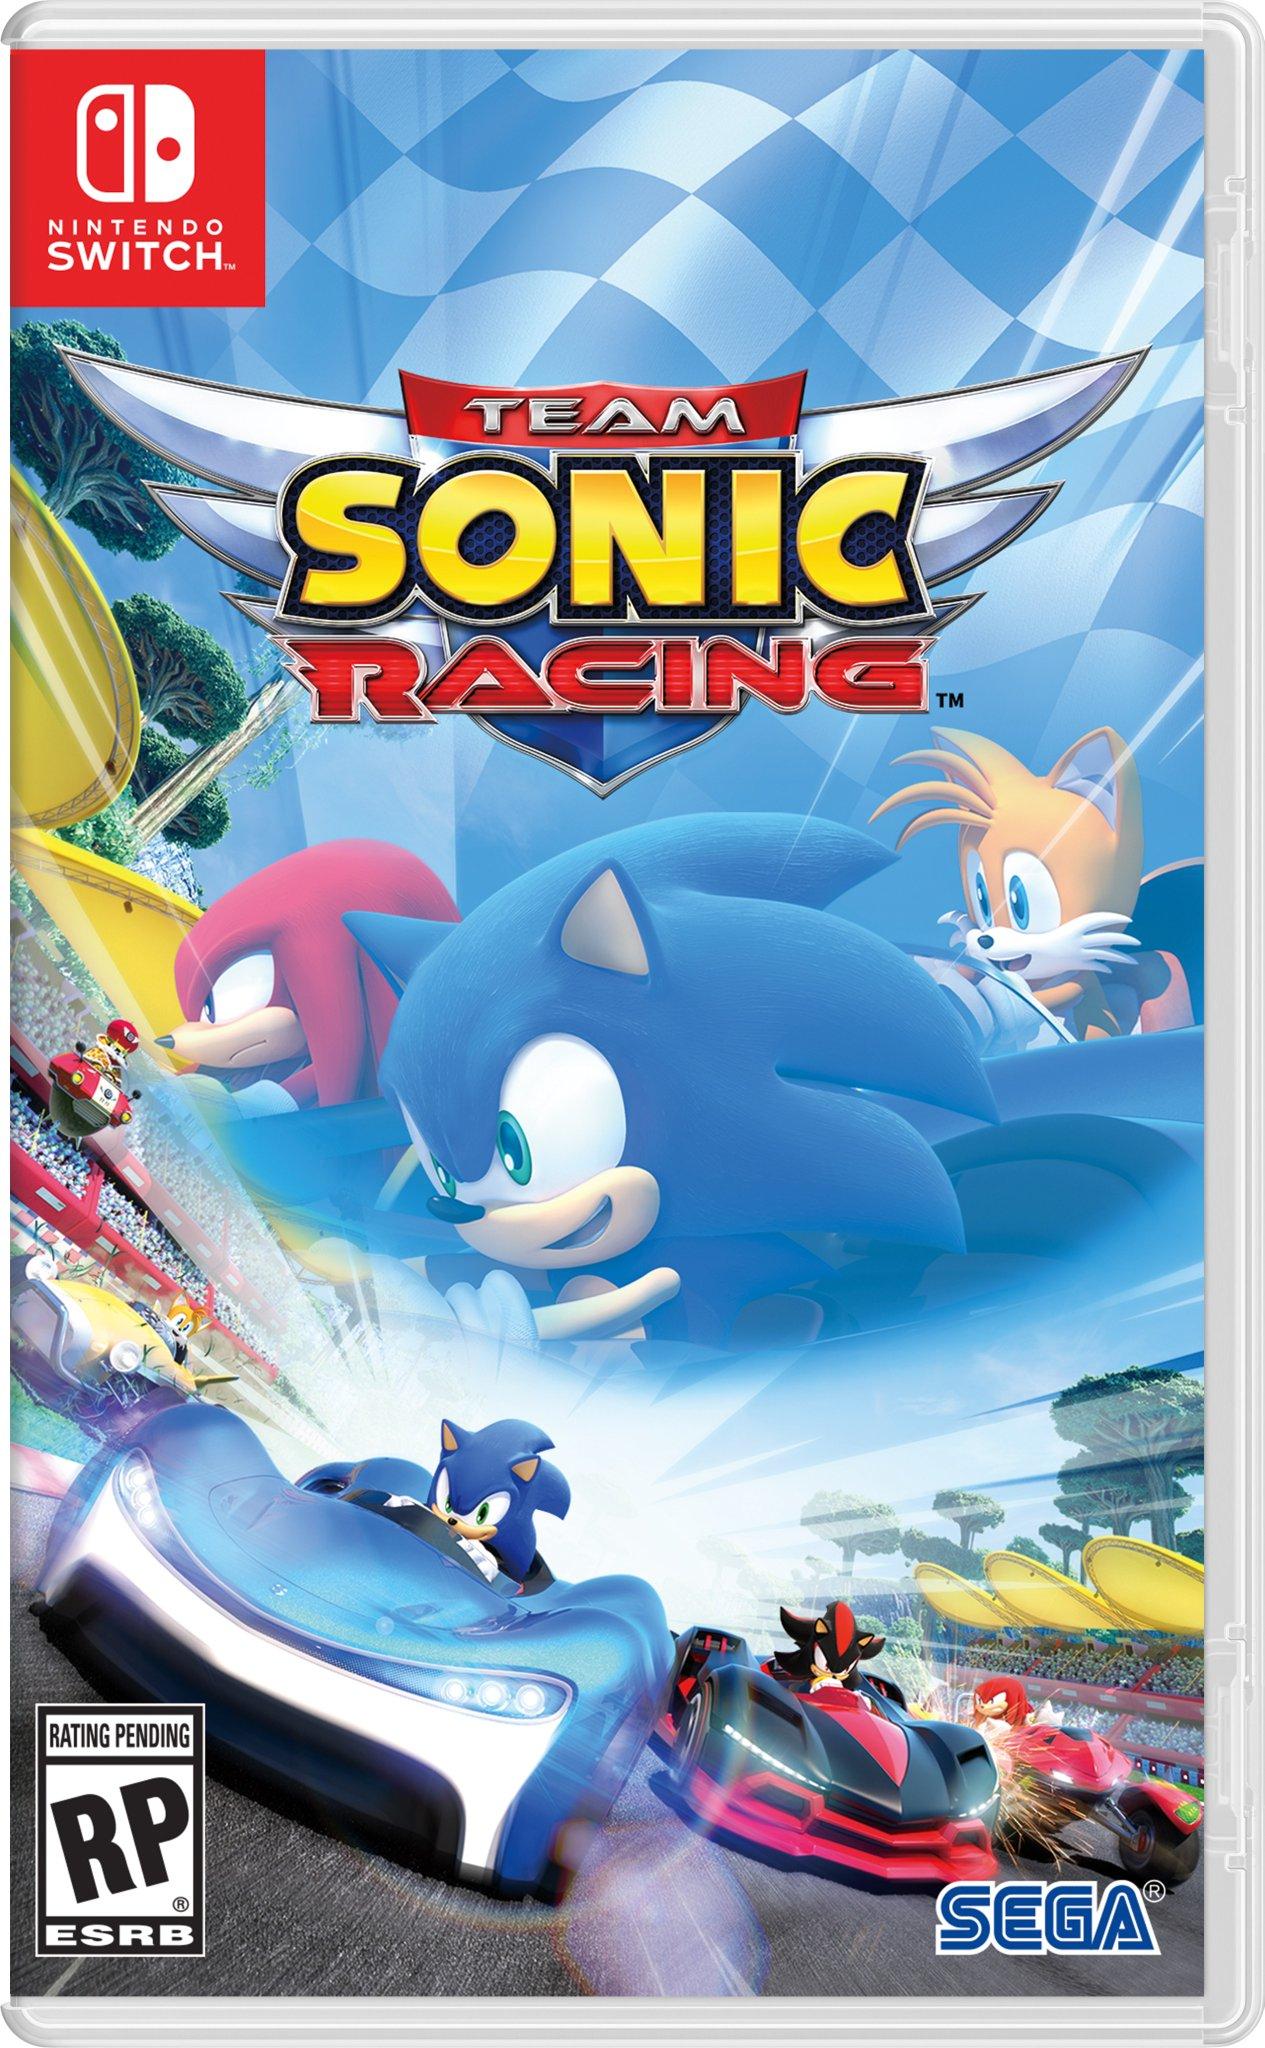 Team Sonic Racing: Walmart vaza informações sobre novo game de corrida